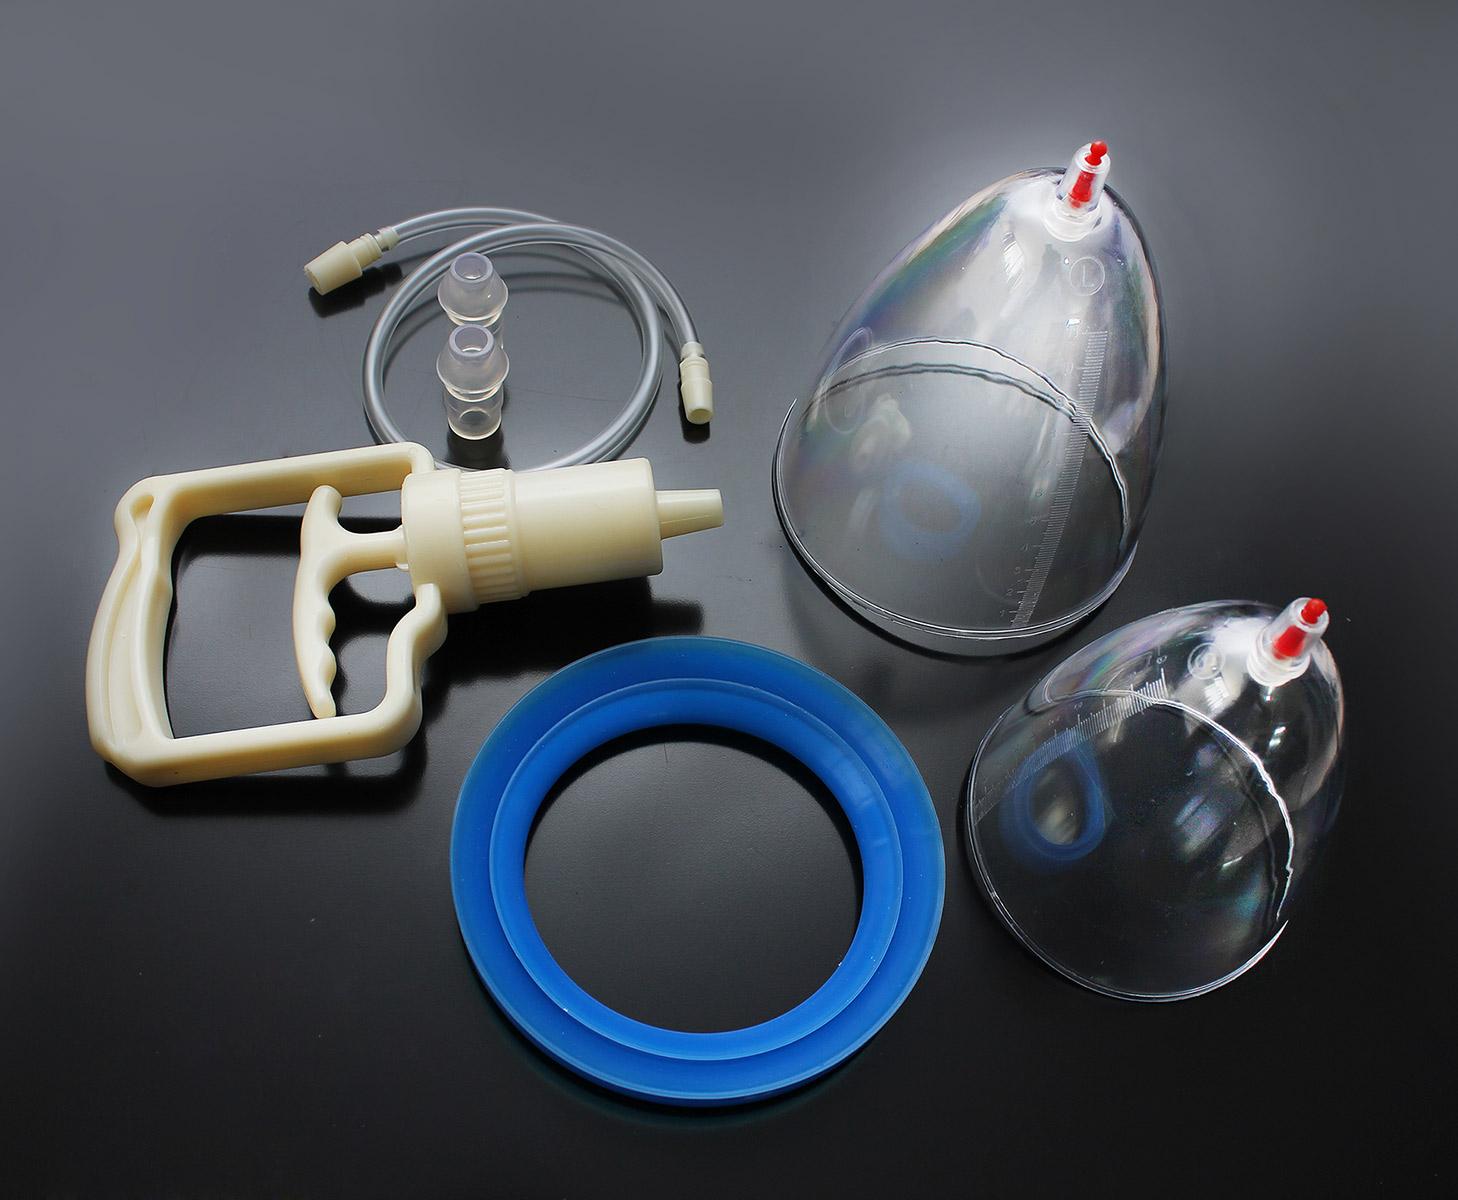 دستگاه وکیوم سینه بهترین بزرگ کننده و فرم دهنده سینه مخصوص خانم ها داراي تائيديه وزارت بهداشت